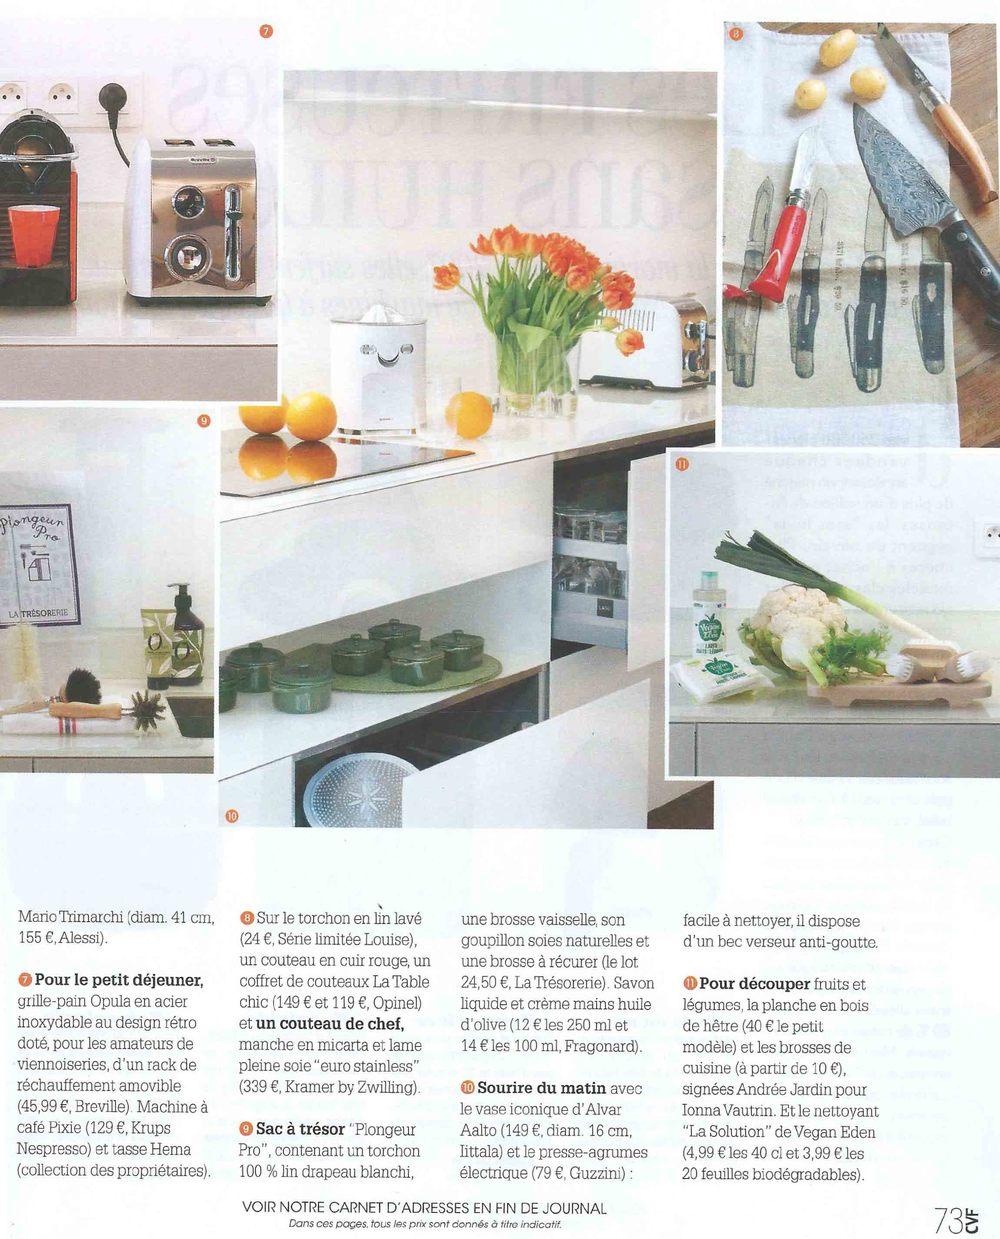 cuisine_et_vins_de_france_b_fevrier_mars-2015-5.jpg